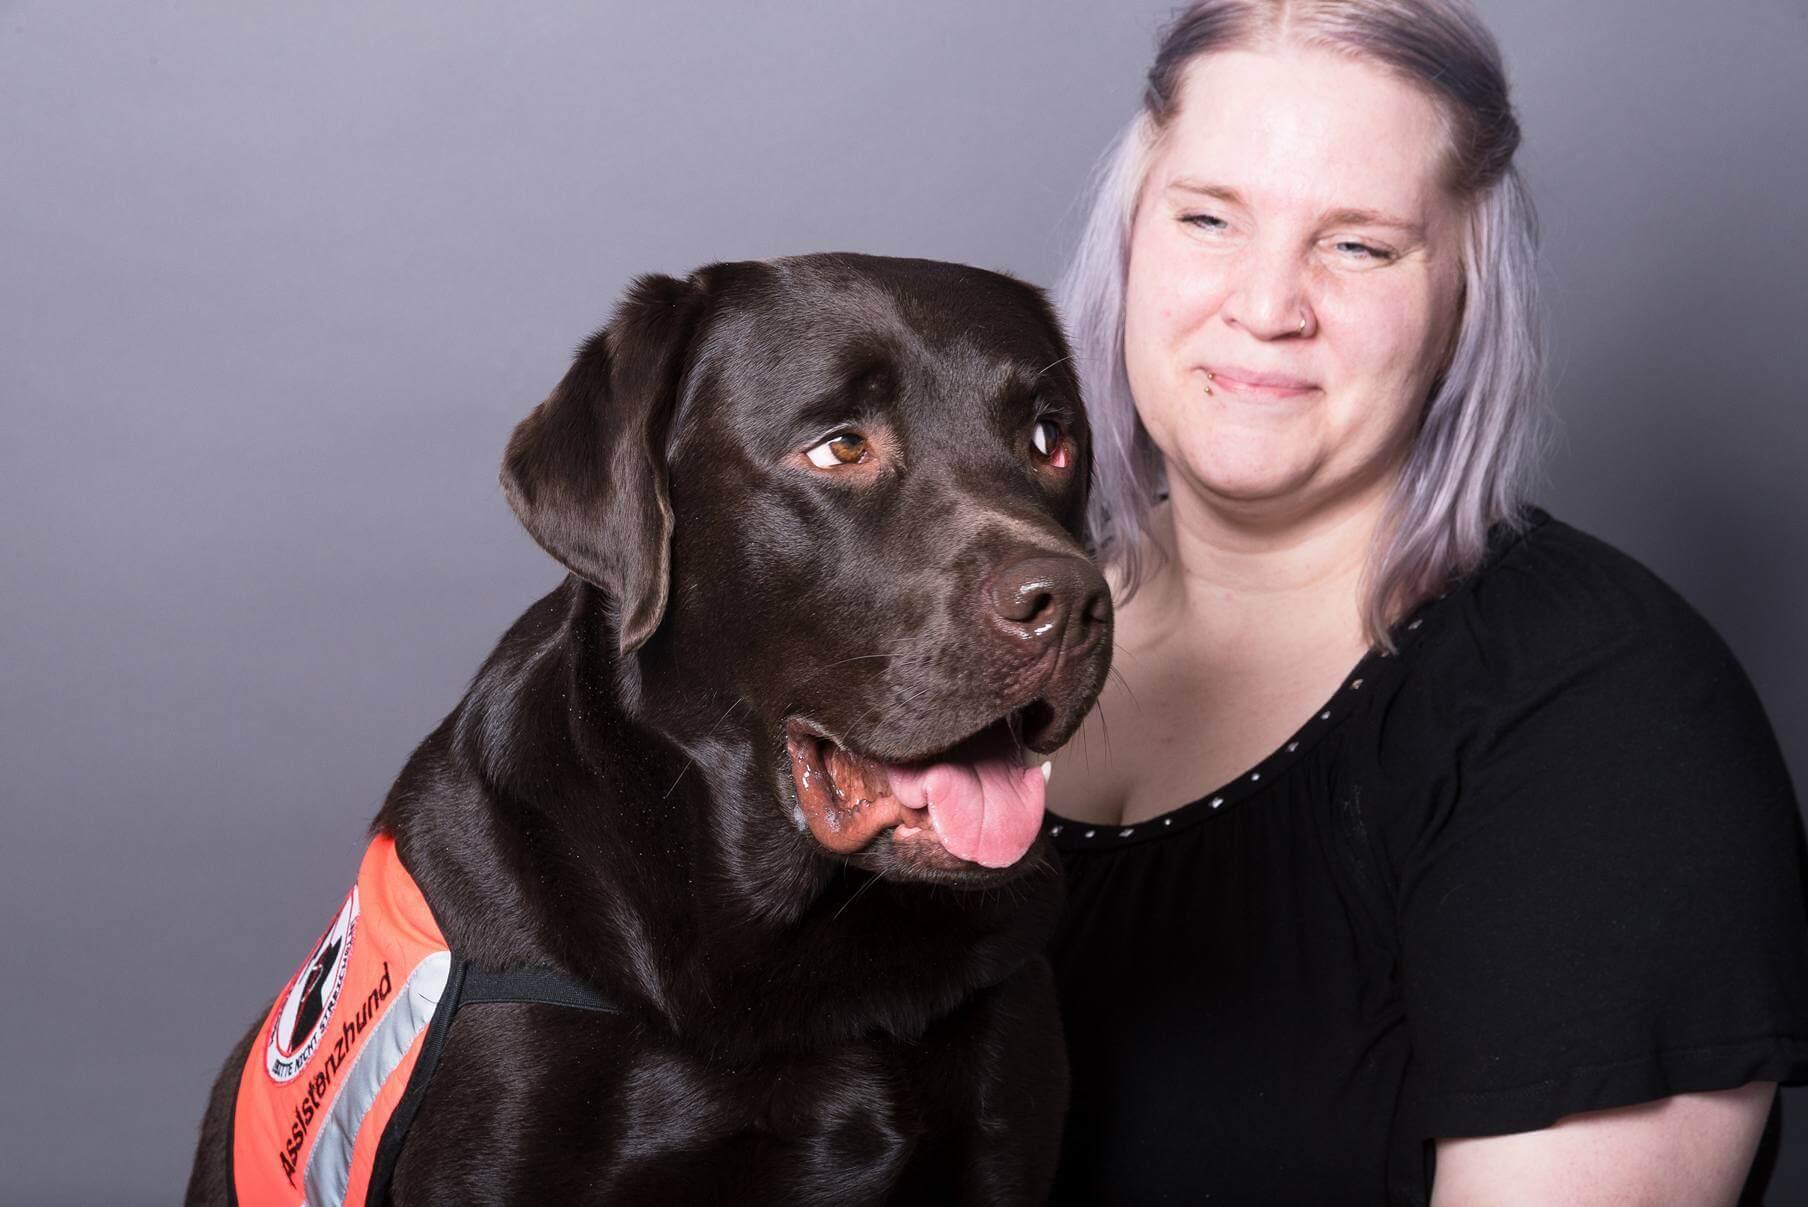 Assistenzhund - Aufgaben, Ausbildung und Training - Hundesport Nubi